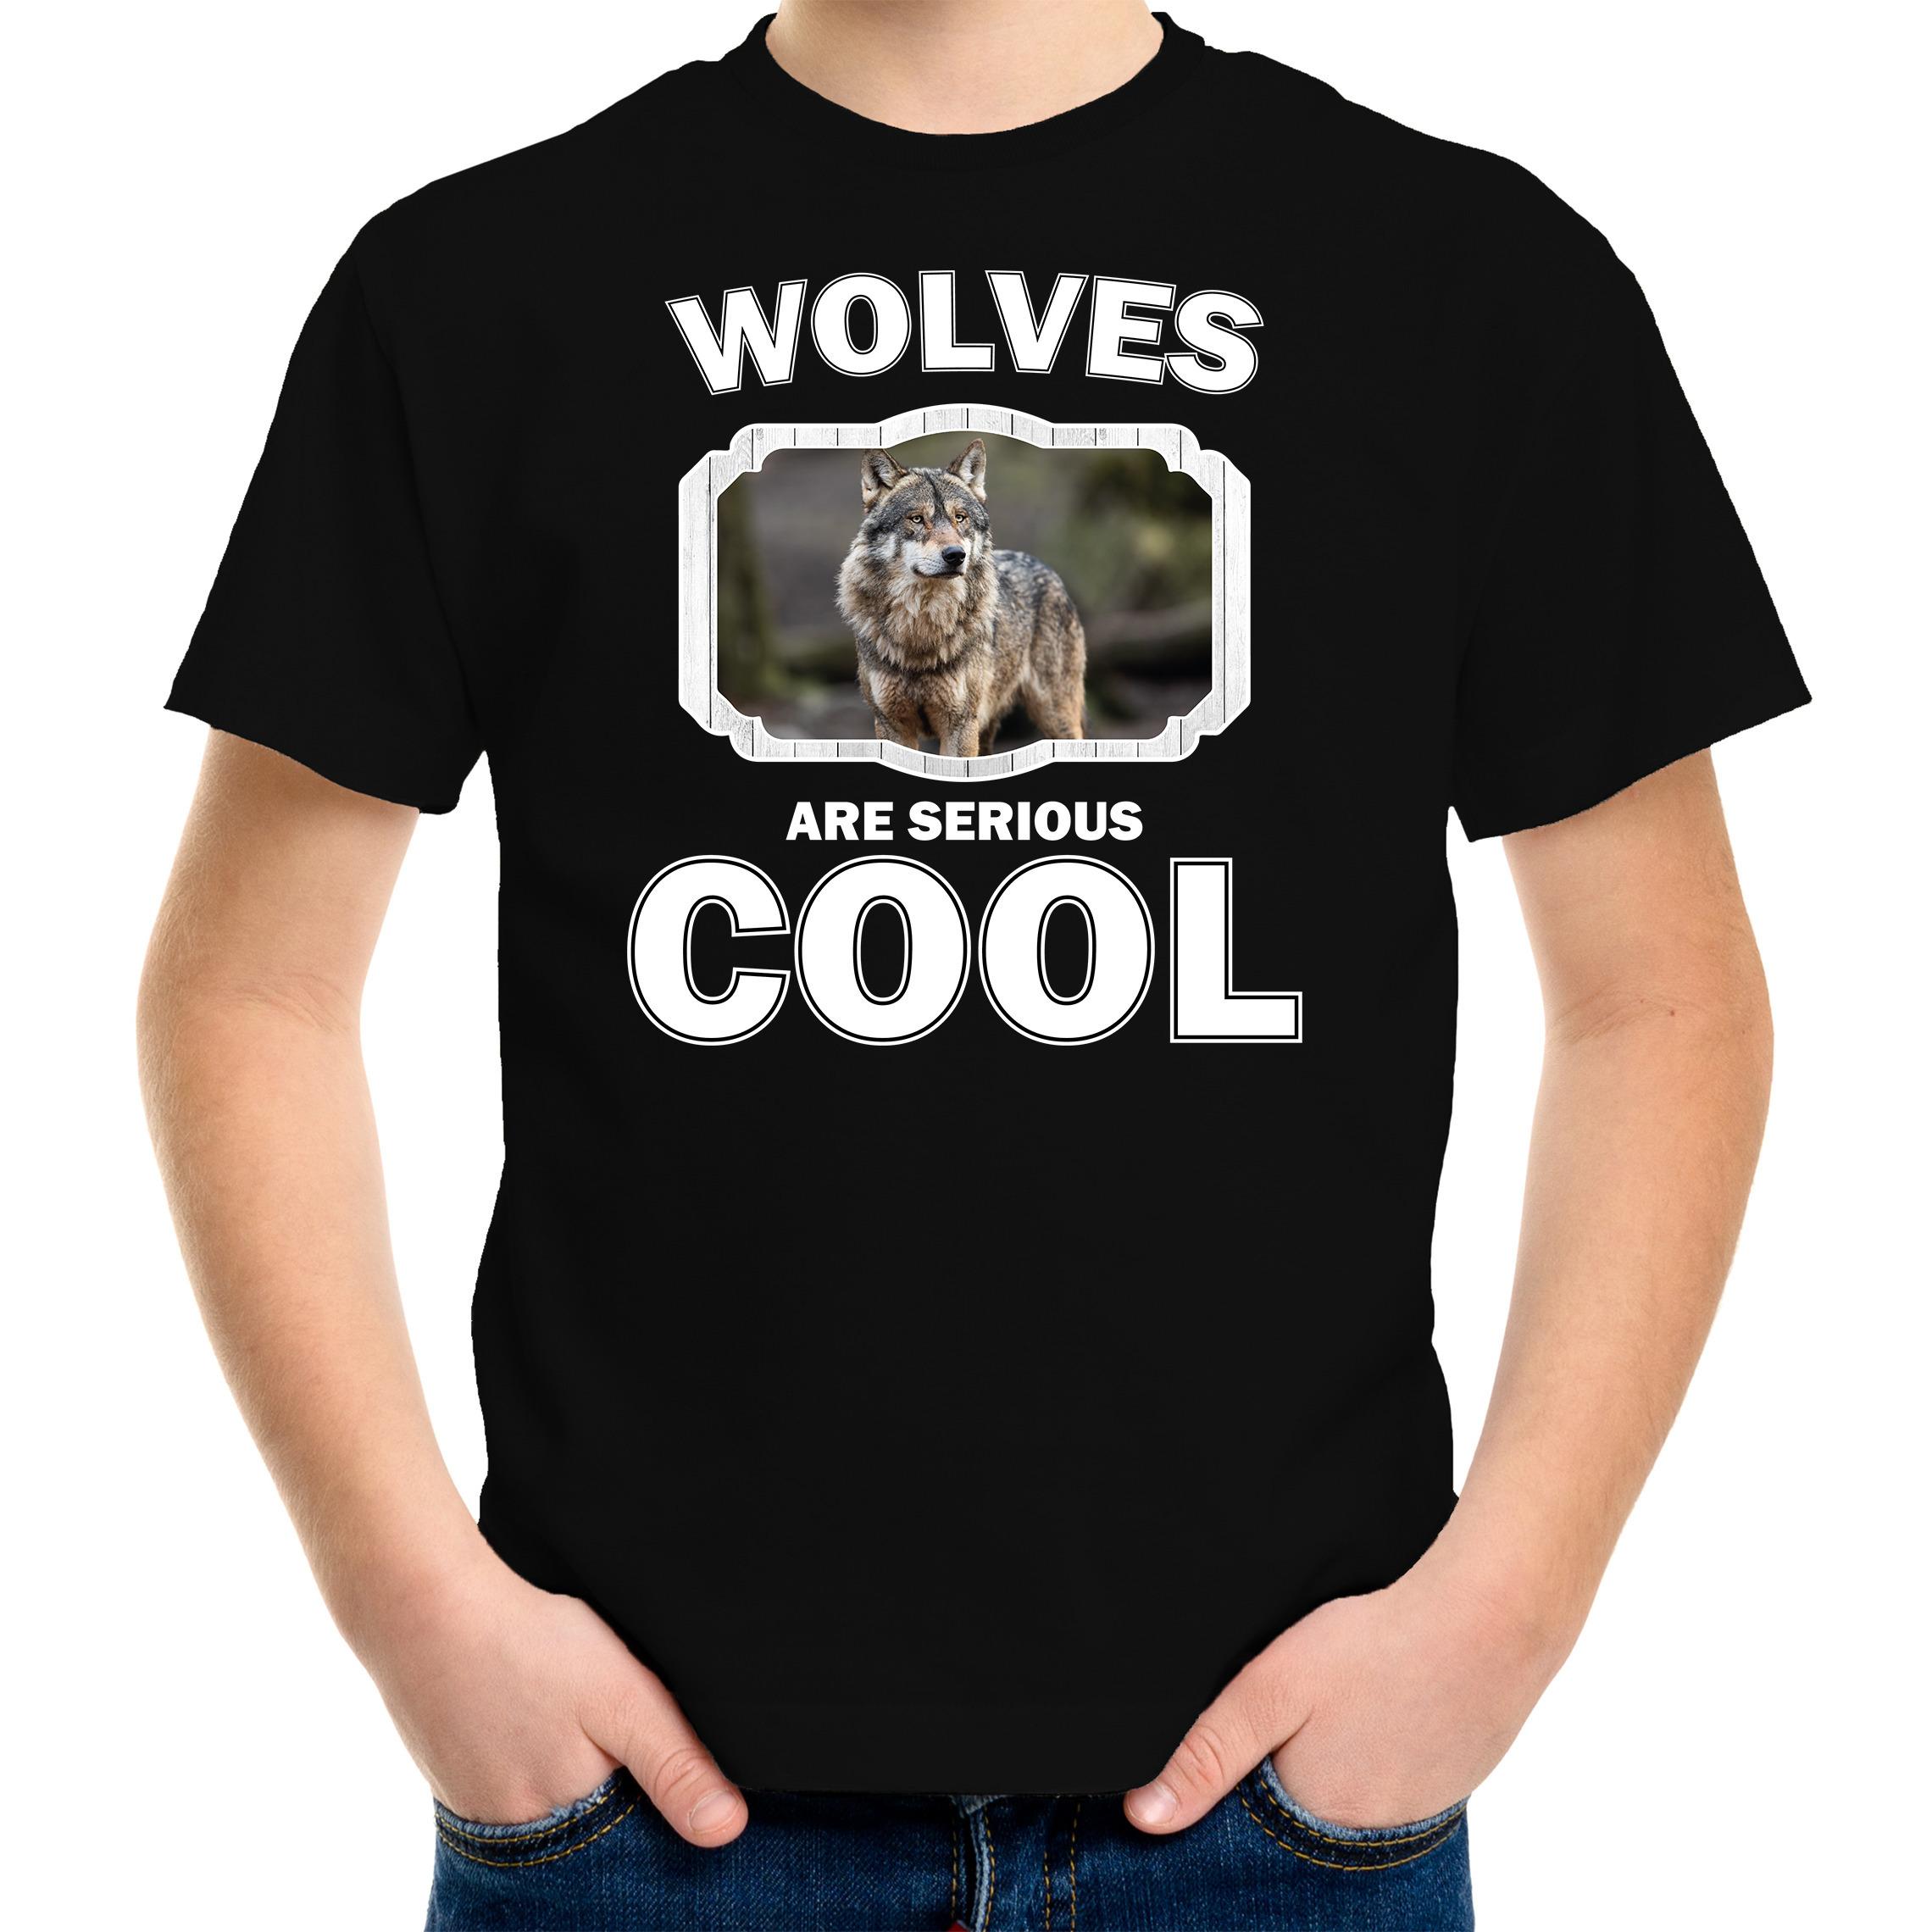 Afbeelding T-shirt wolfs are serious cool zwart kinderen - wolven/ wolf shirt door Animals Giftshop